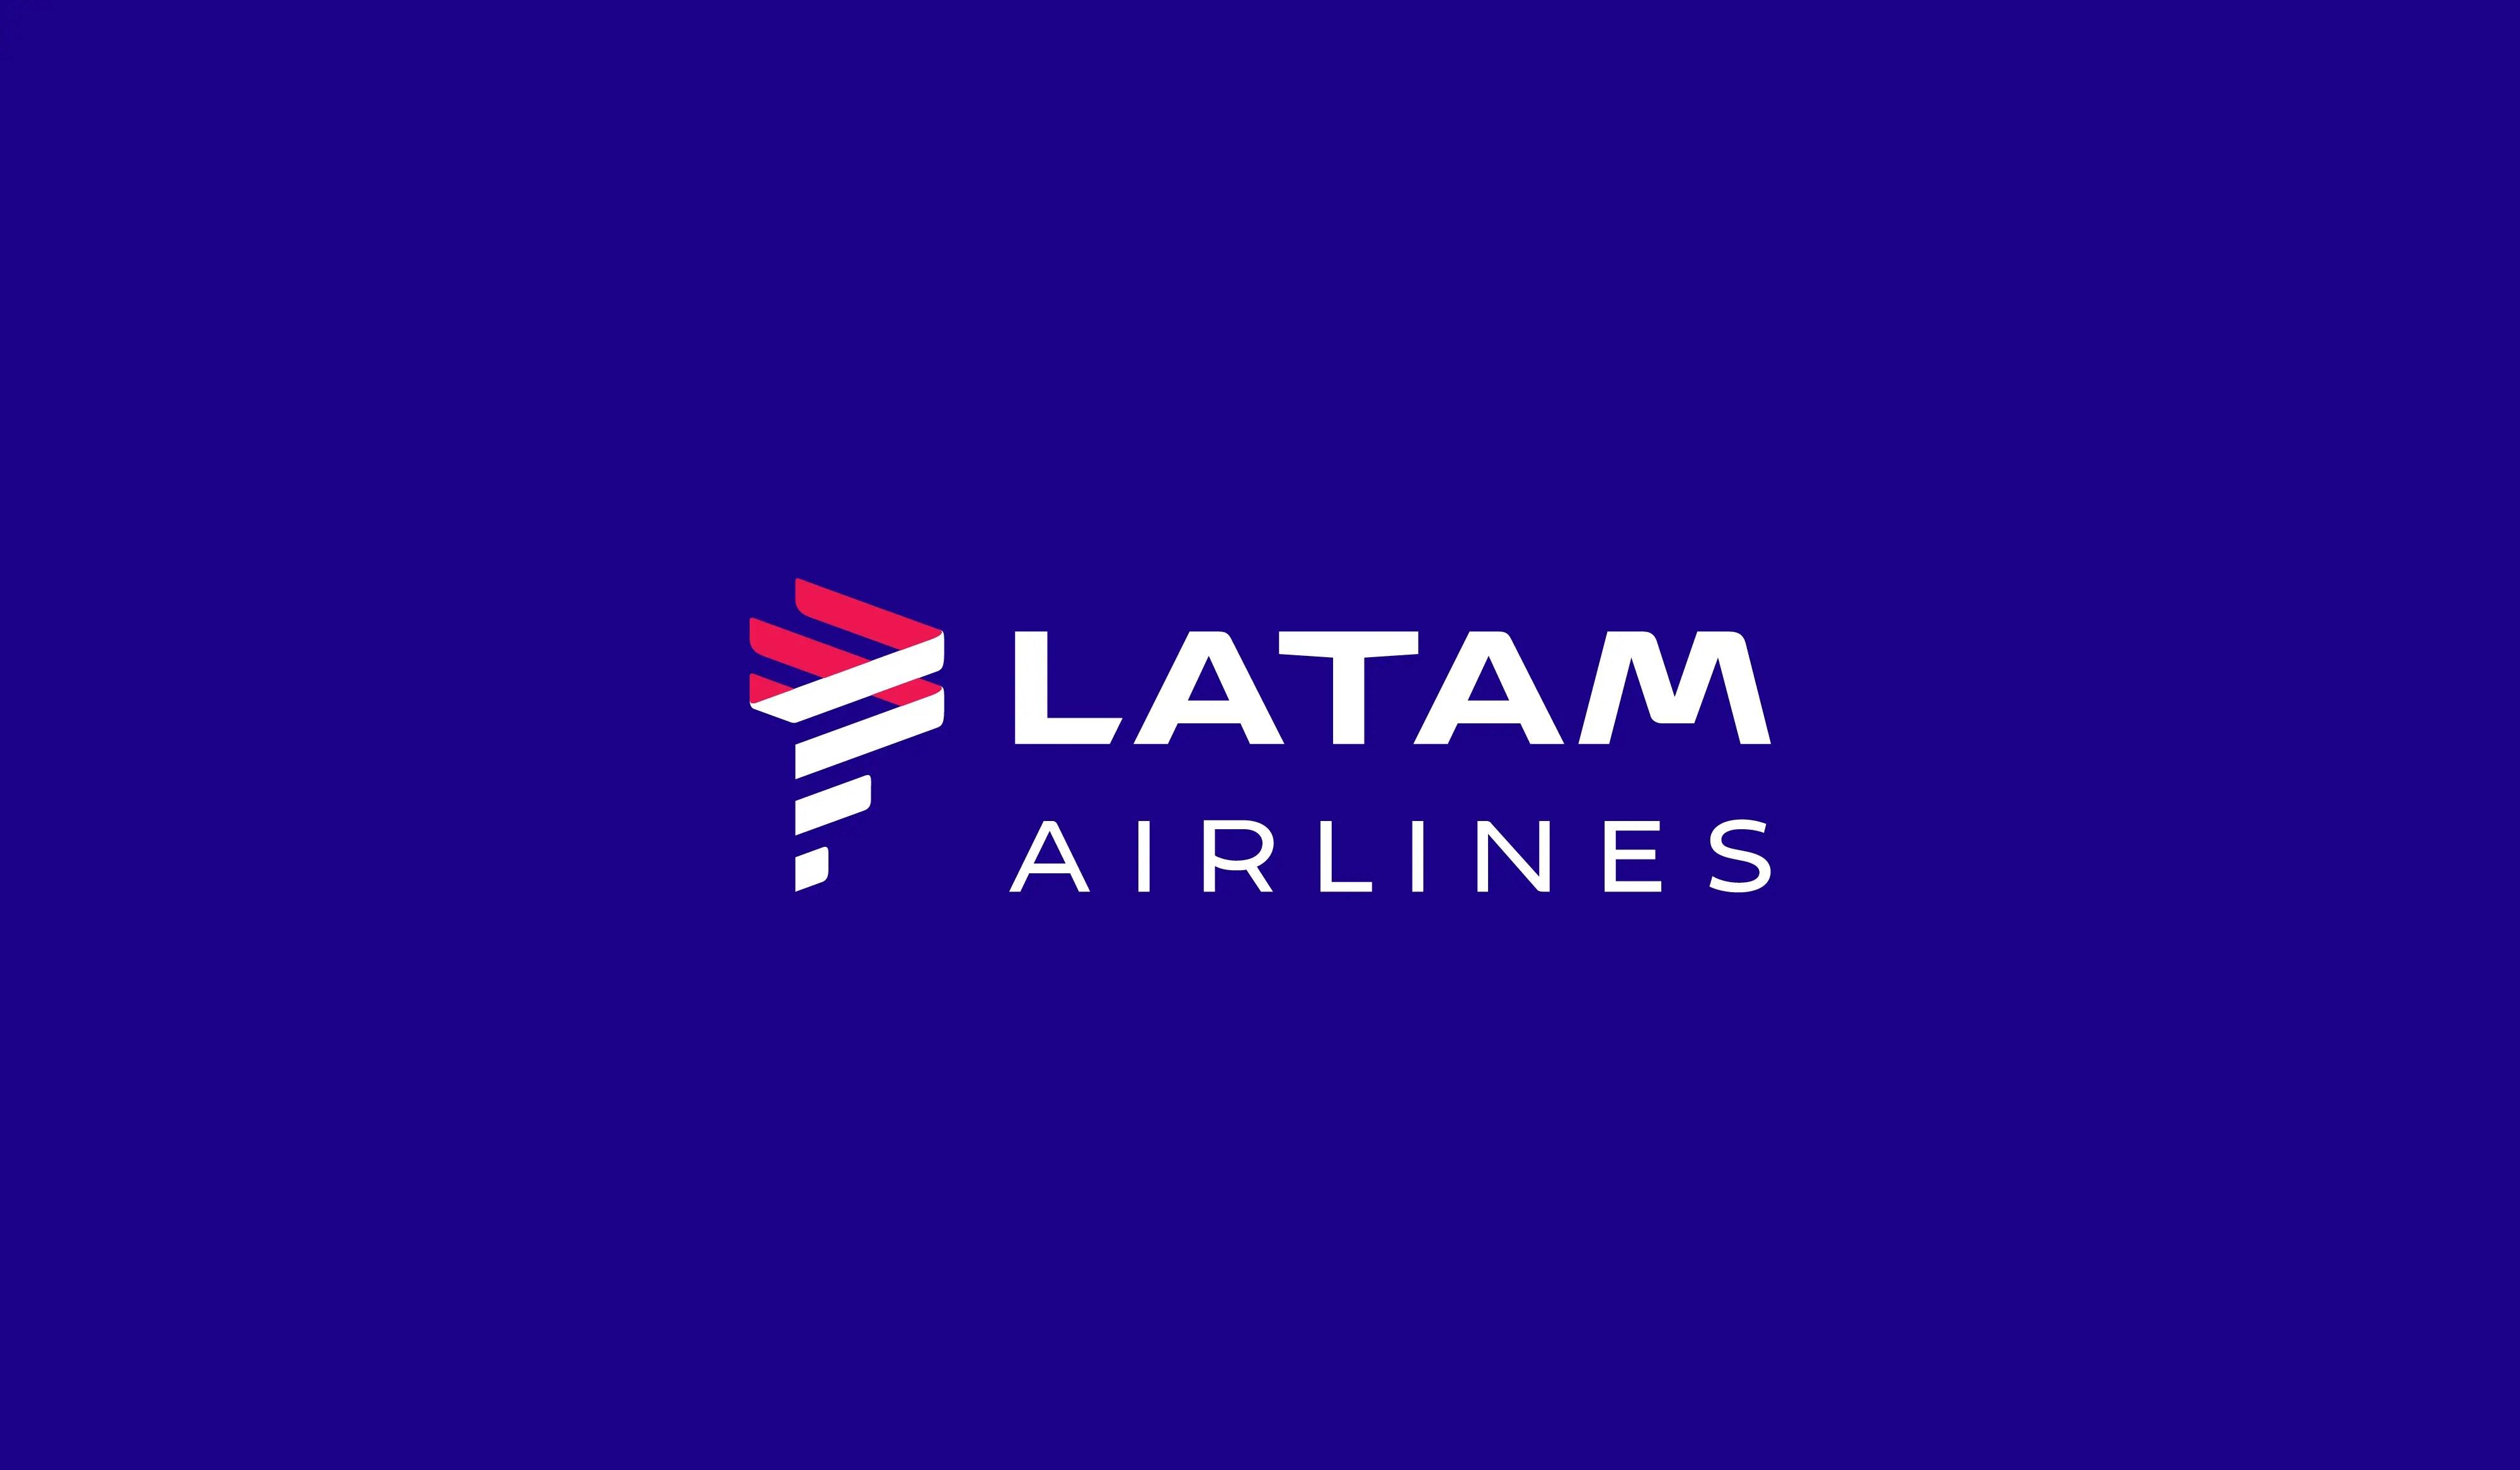 Grupo Latam Airlines estreia nova marca global